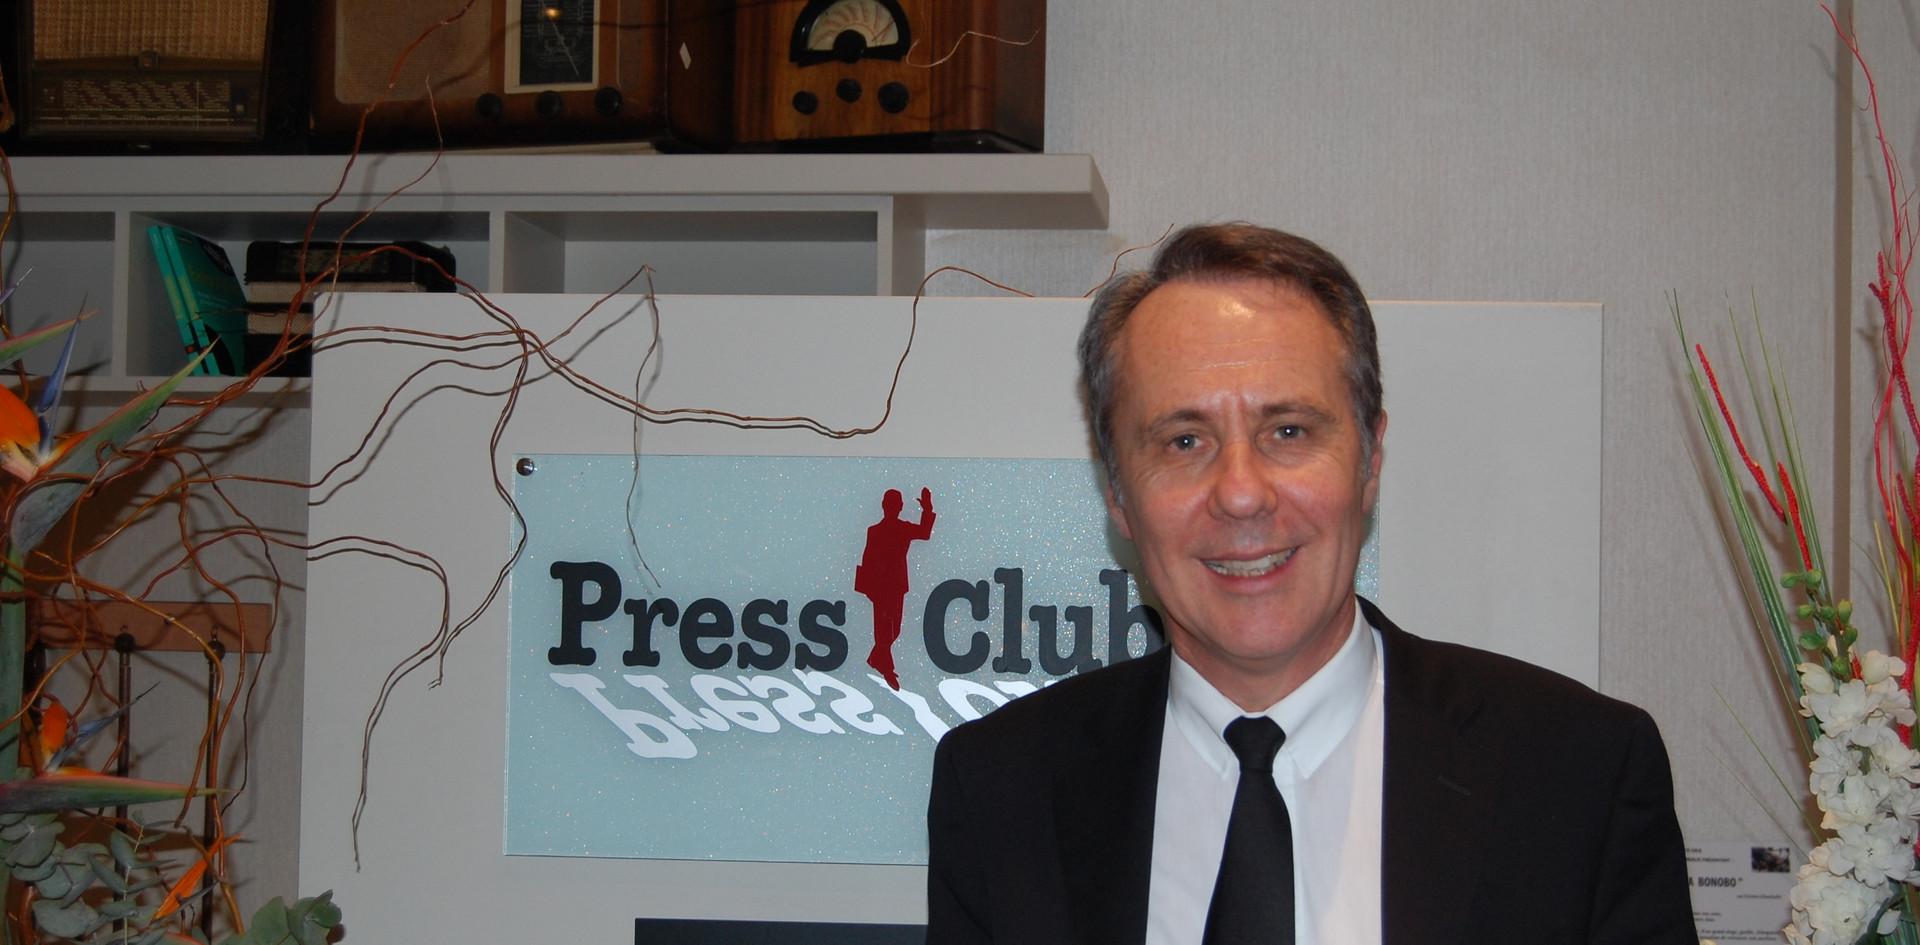 dominique paille au press club.JPG